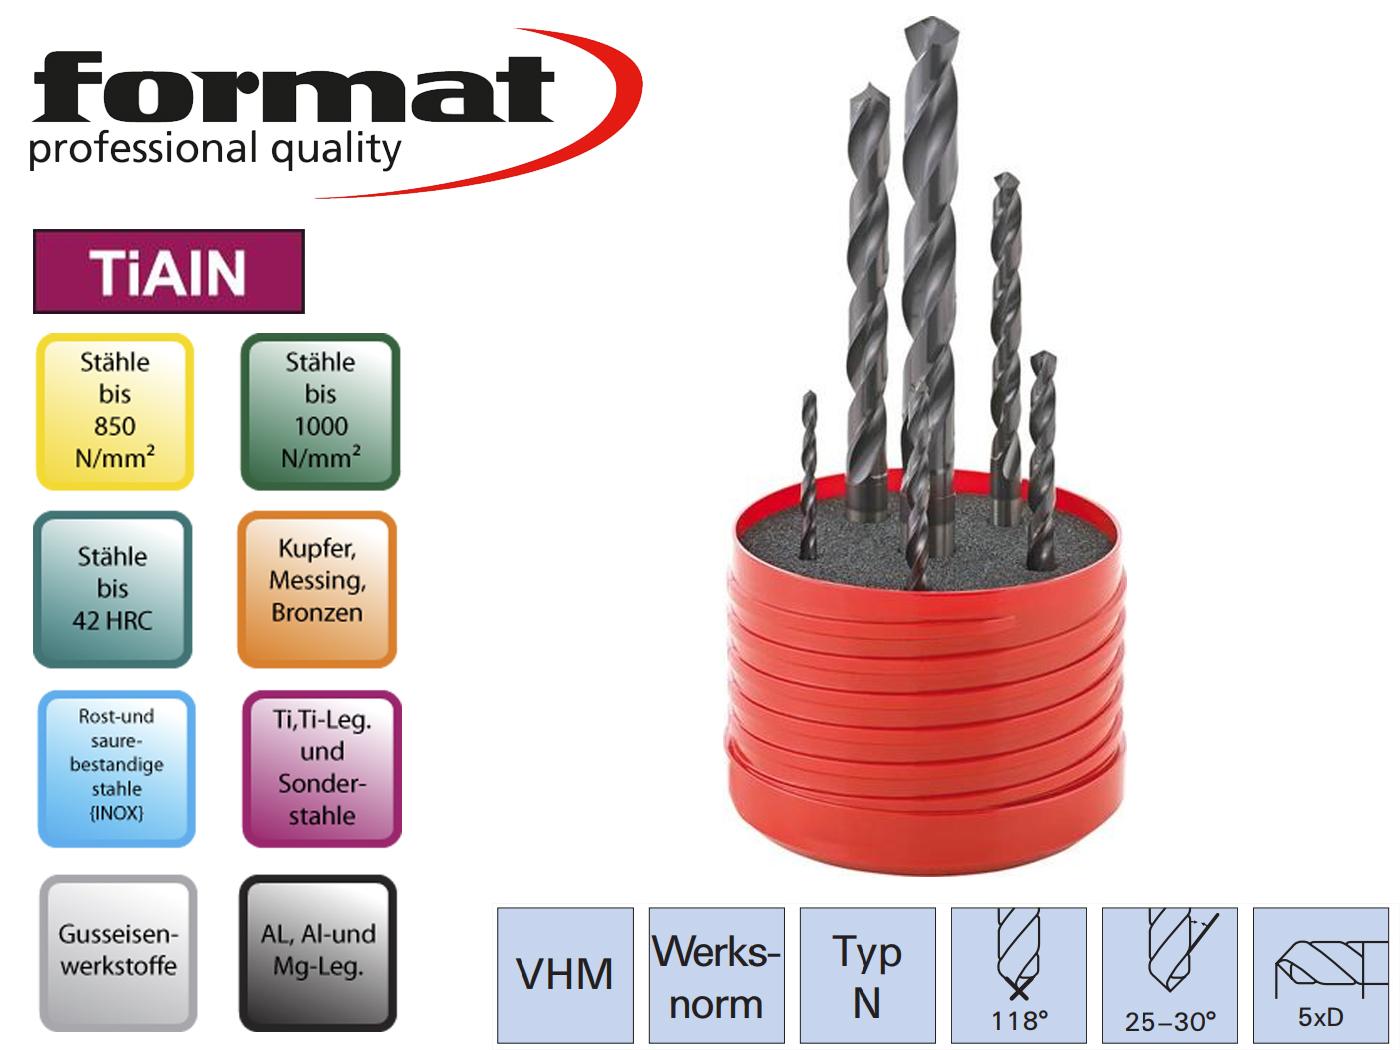 Spiraalboor set DIN 338 N VHM TiALN | DKMTools - DKM Tools